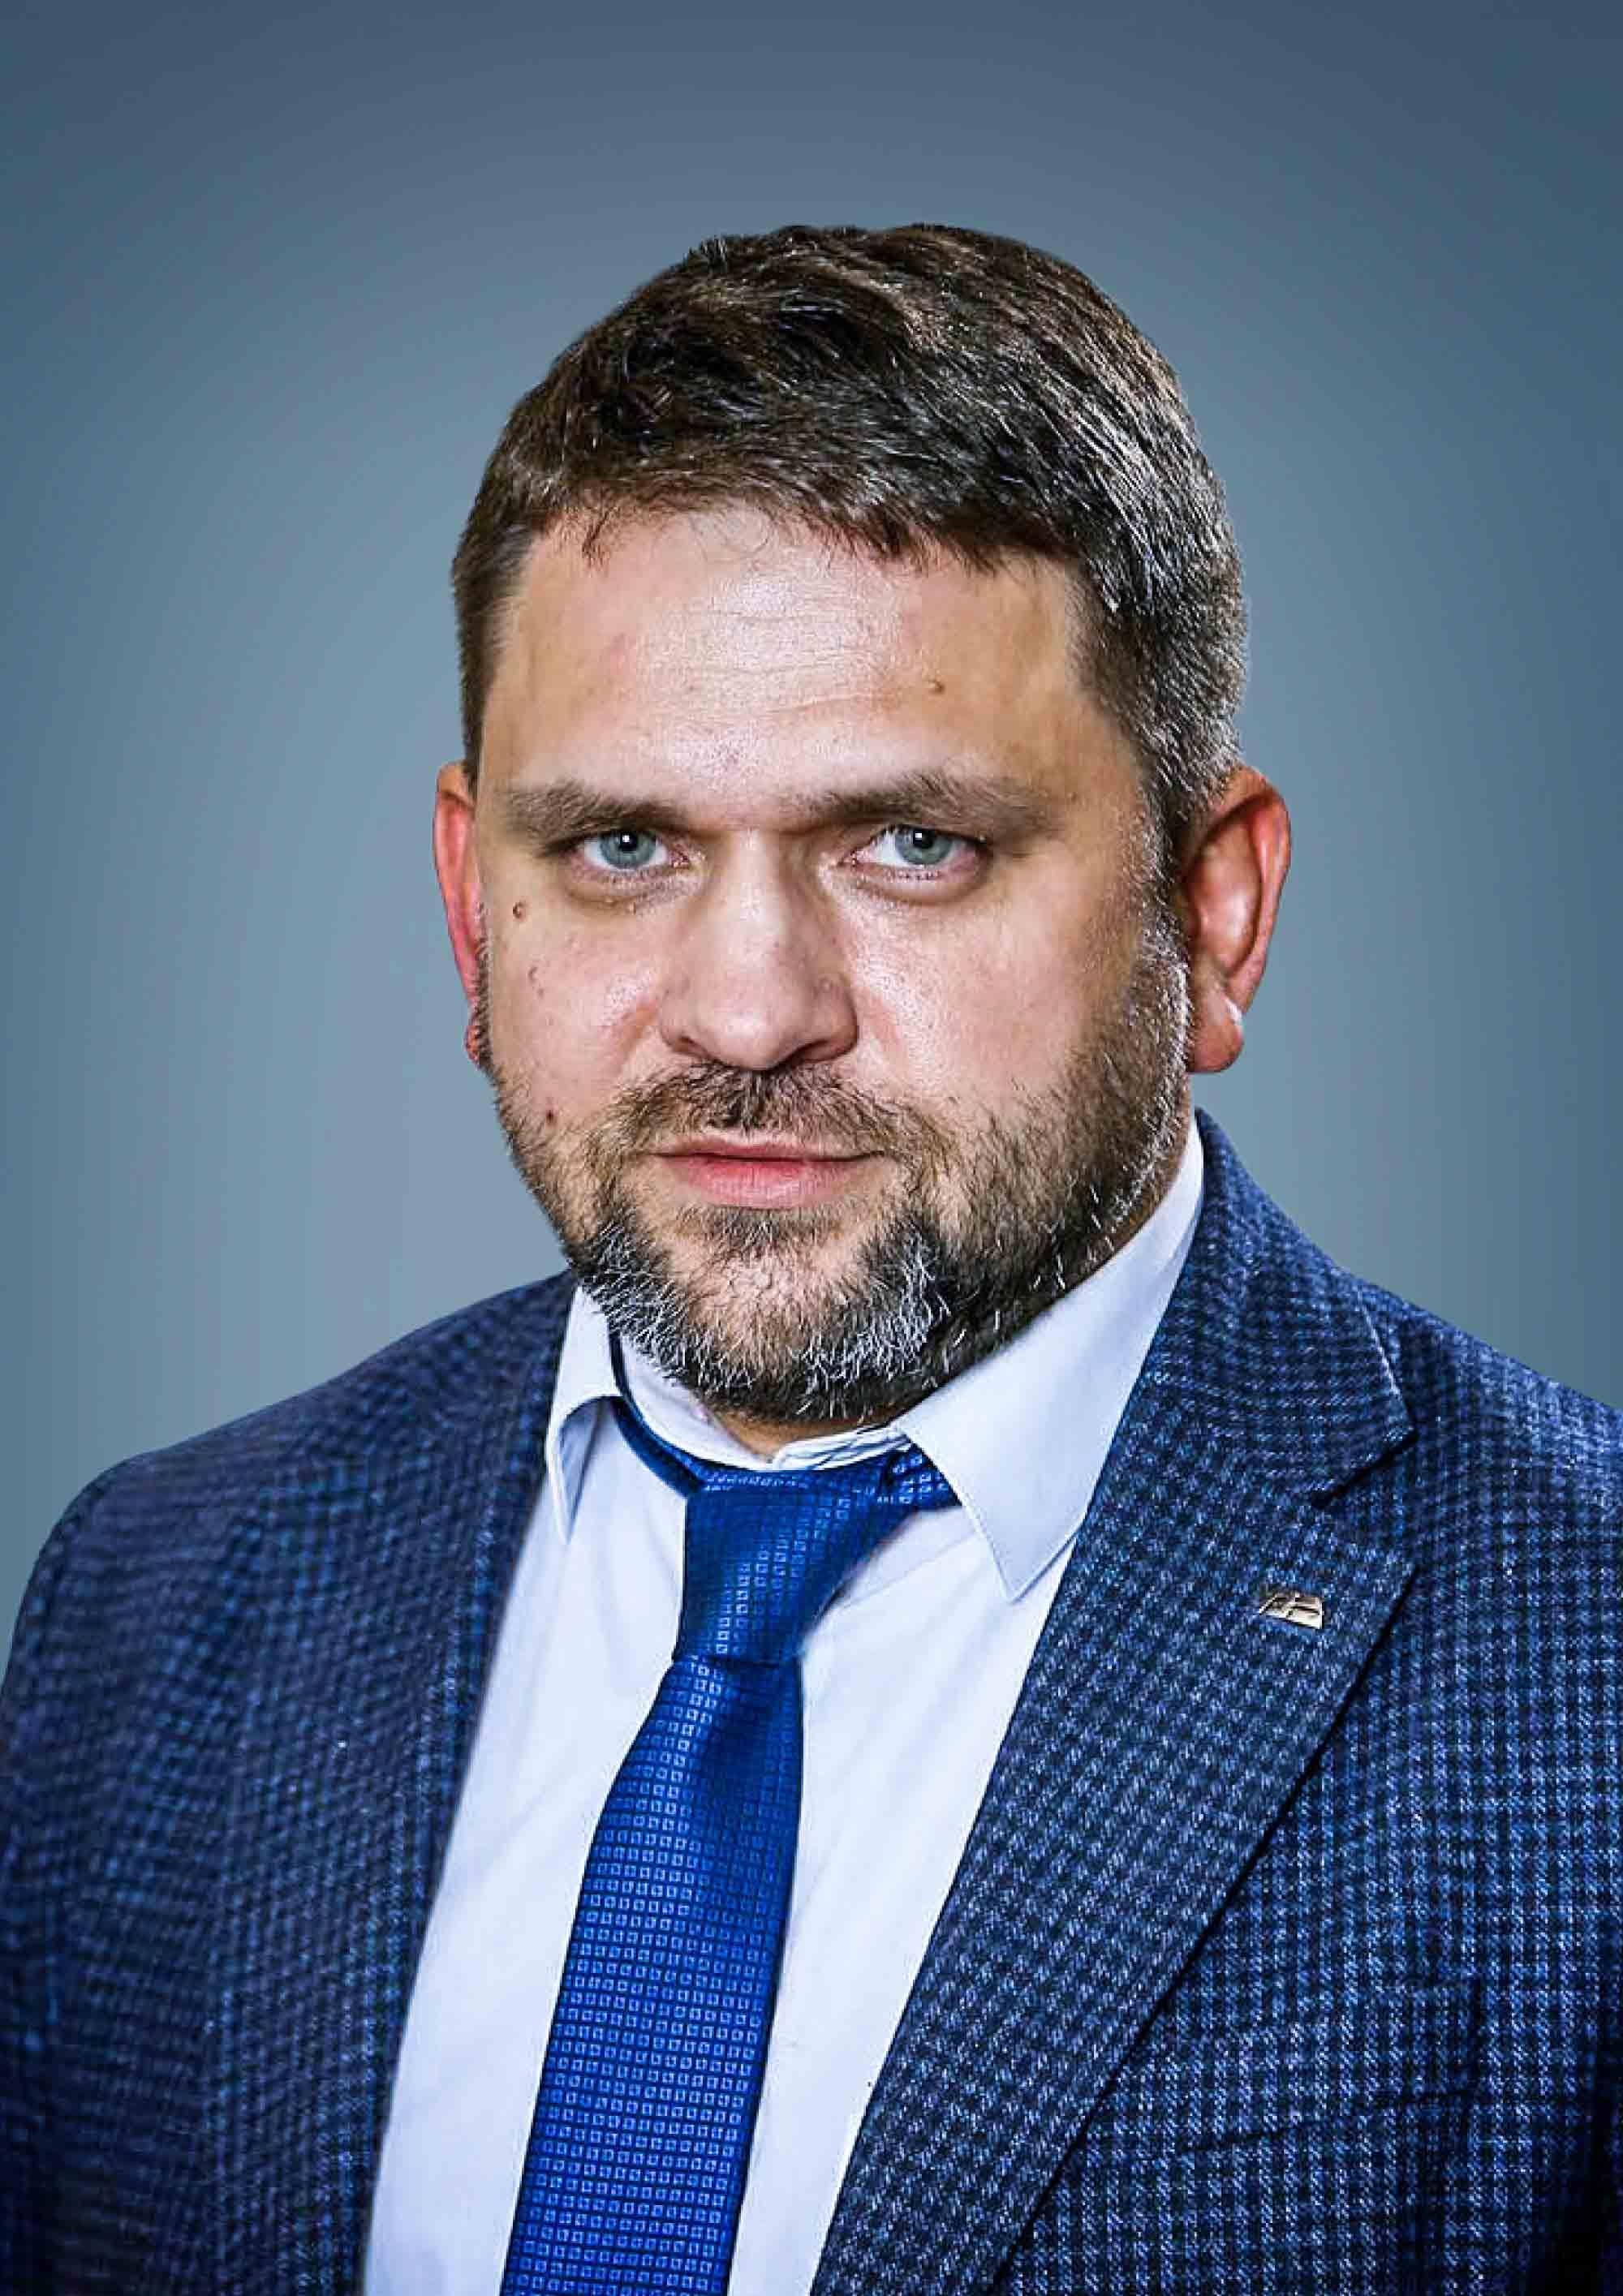 Франківець після скандального відео пішов з посади директора з розвитку бізнесу Укрзалізниці